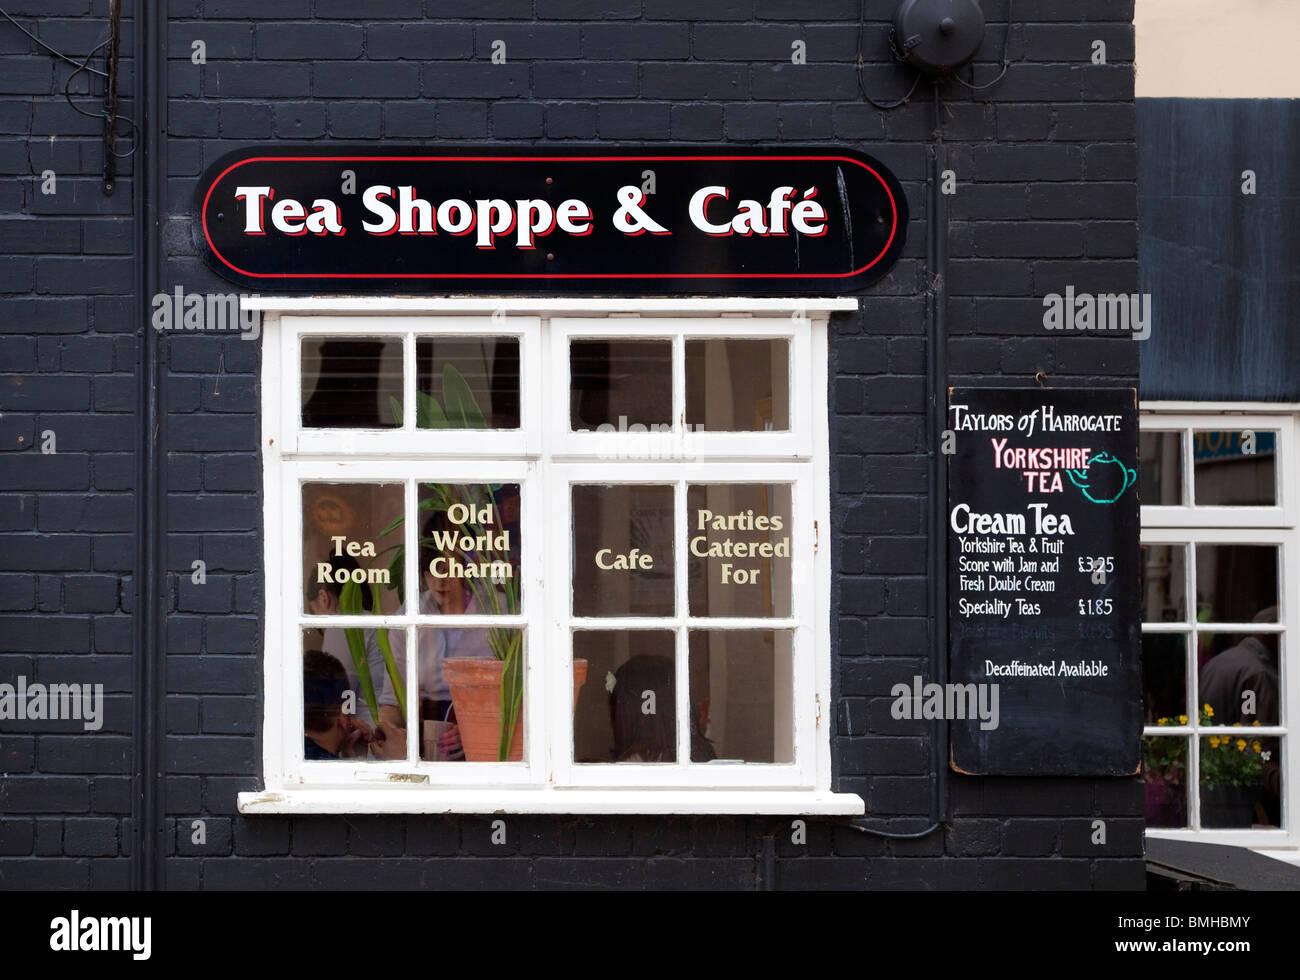 Old English Tea Room shop window, England, UK - Stock Image